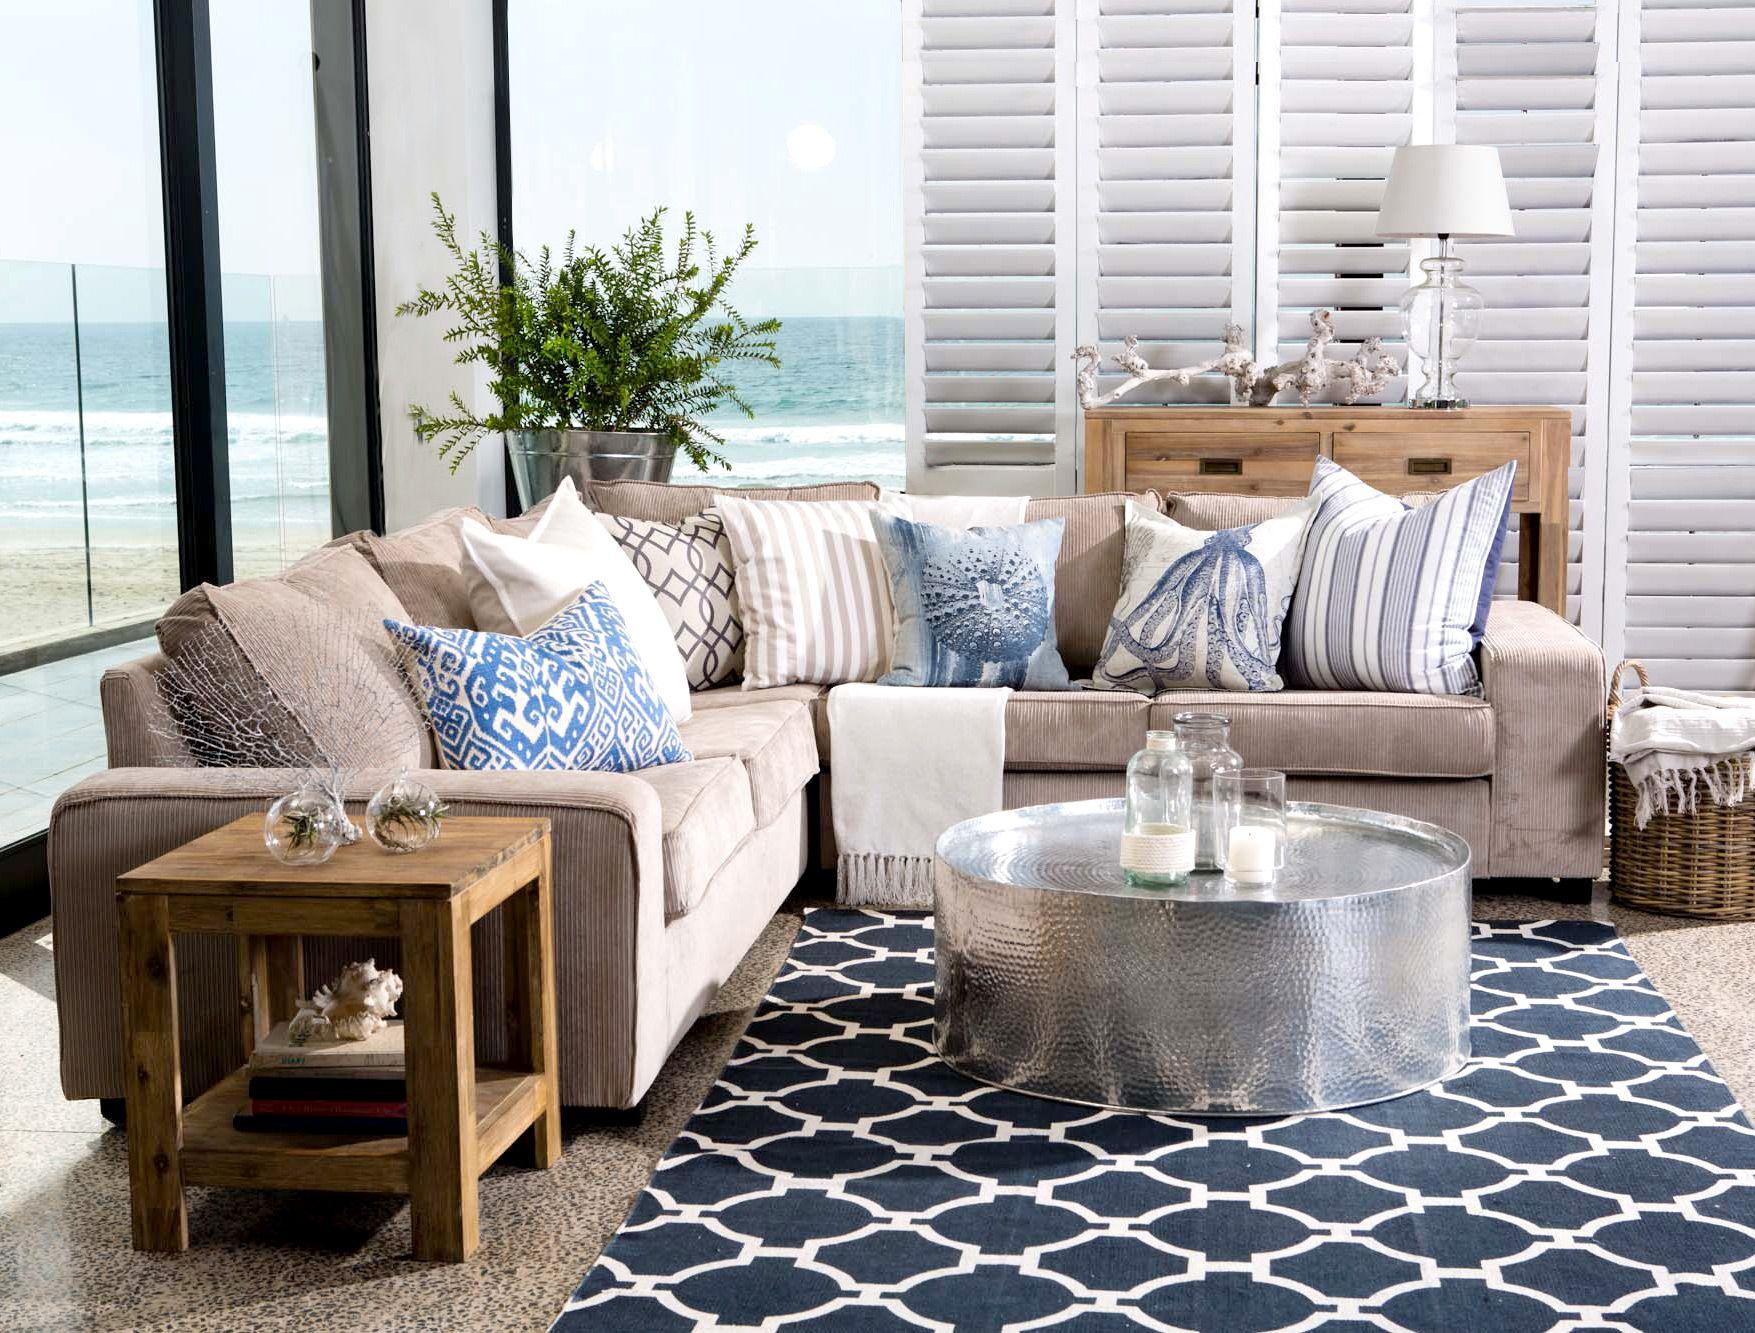 Living Room Wall Mr Price Home Decor Novocom Top